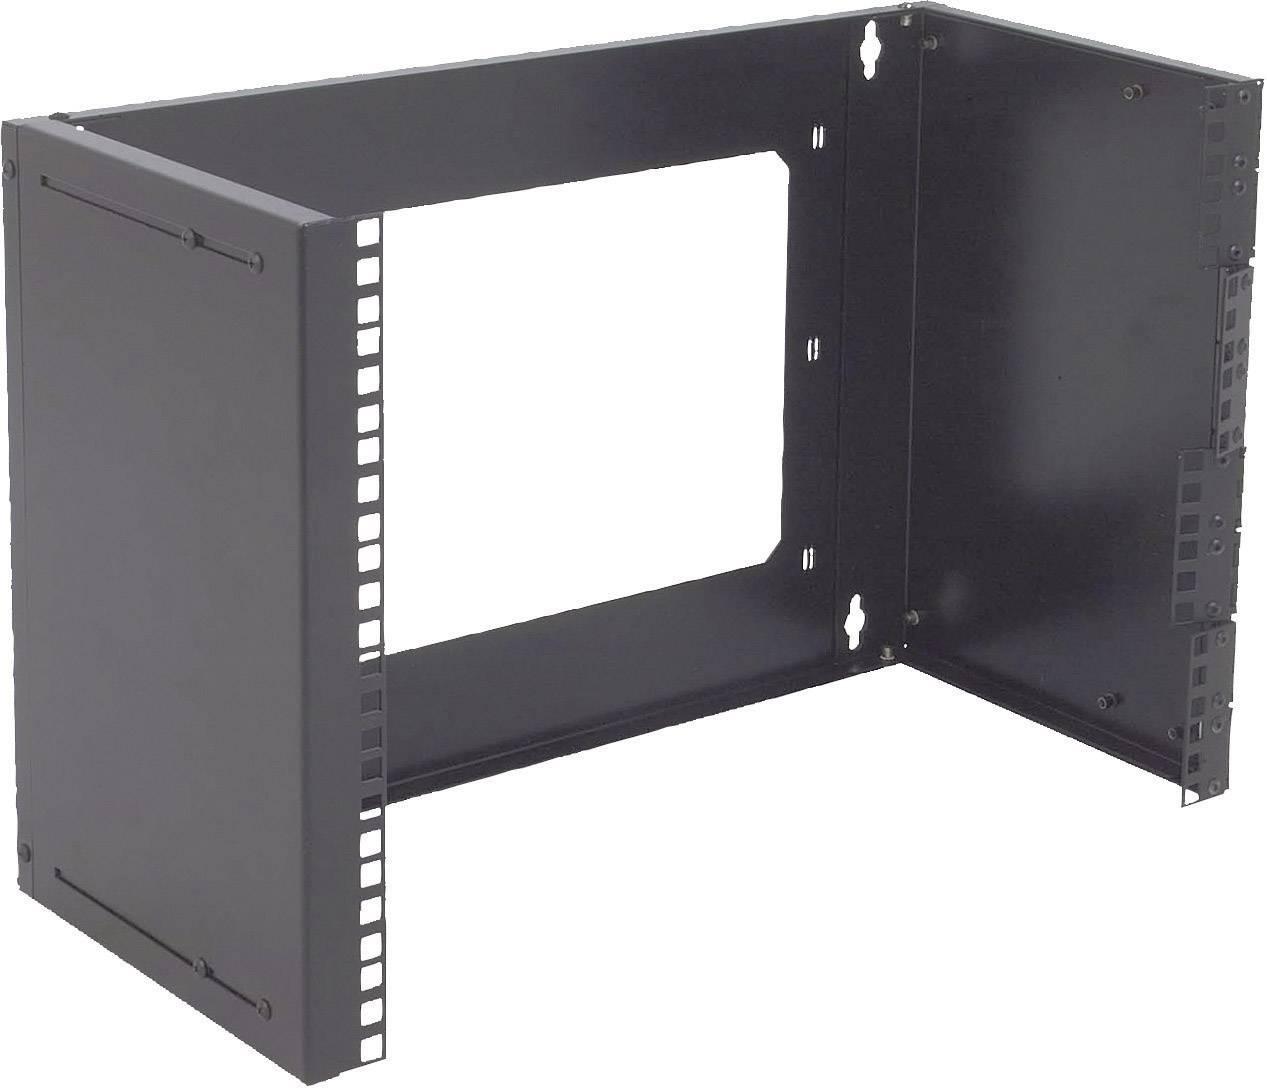 """Racková skříň Digitus, DN-19 PB-8U, 19"""", 8 U, 485 x 384 x 350 mm"""